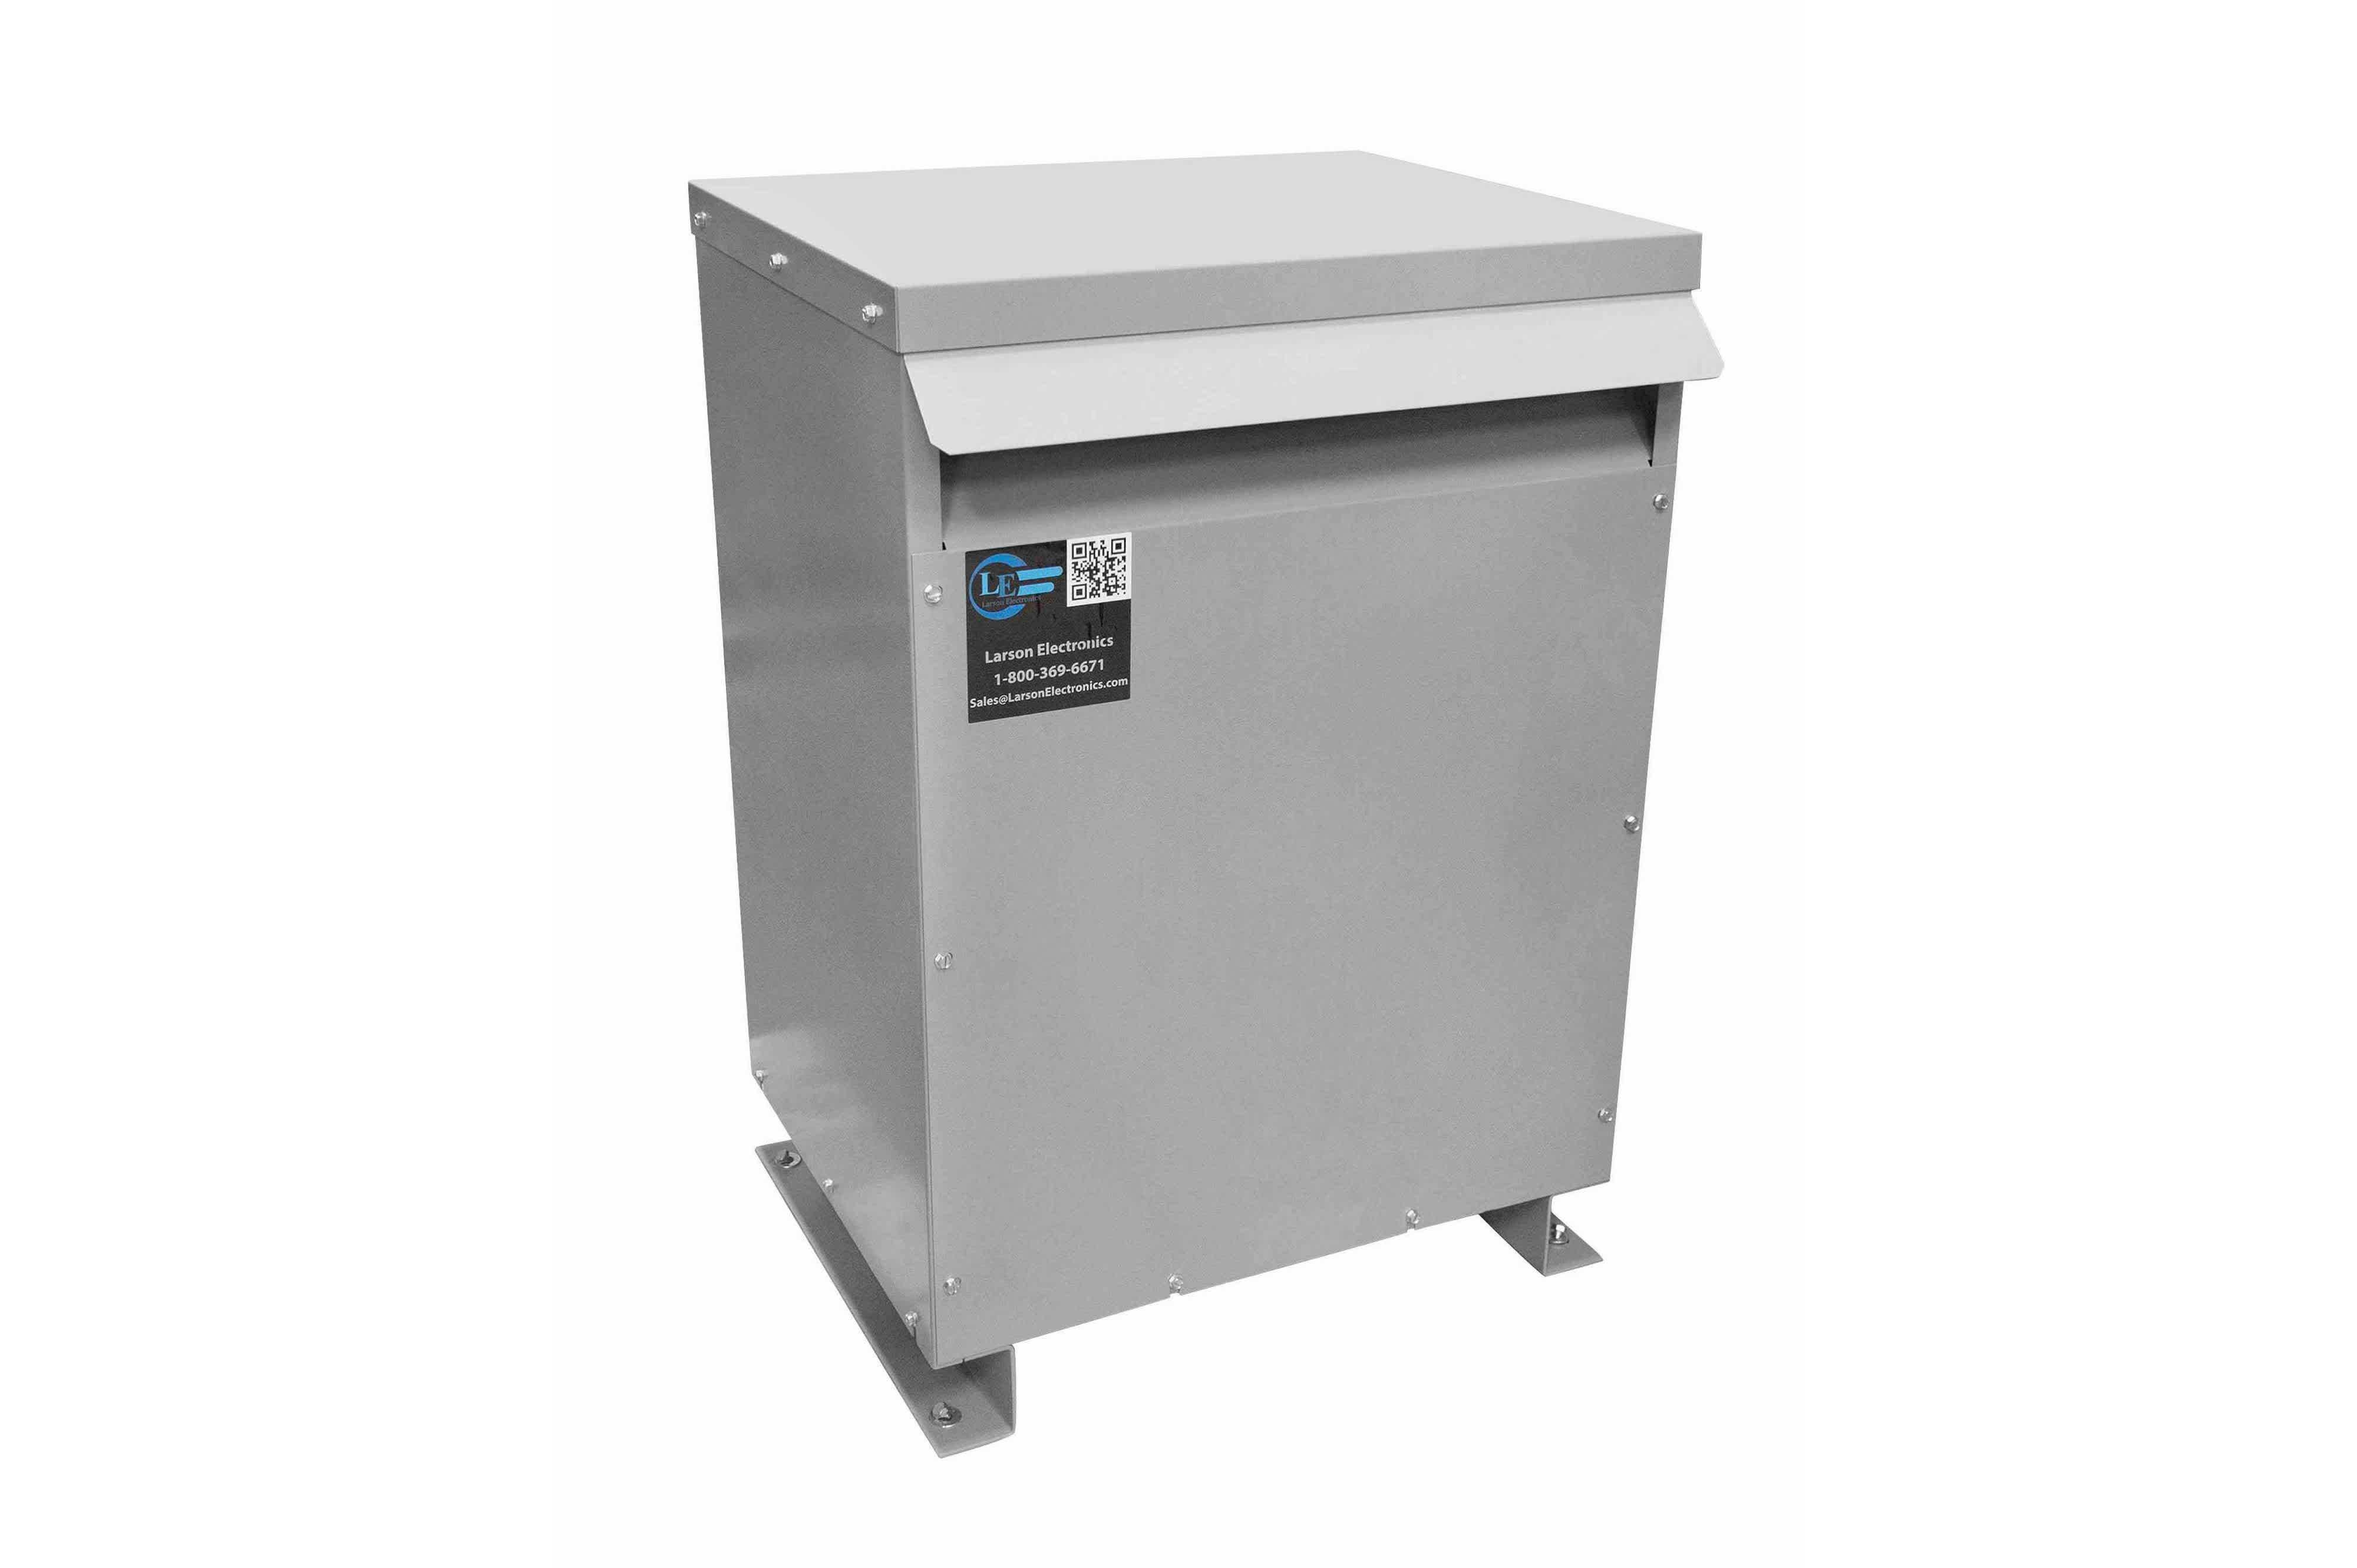 700 kVA 3PH Isolation Transformer, 480V Delta Primary, 575V Delta Secondary, N3R, Ventilated, 60 Hz